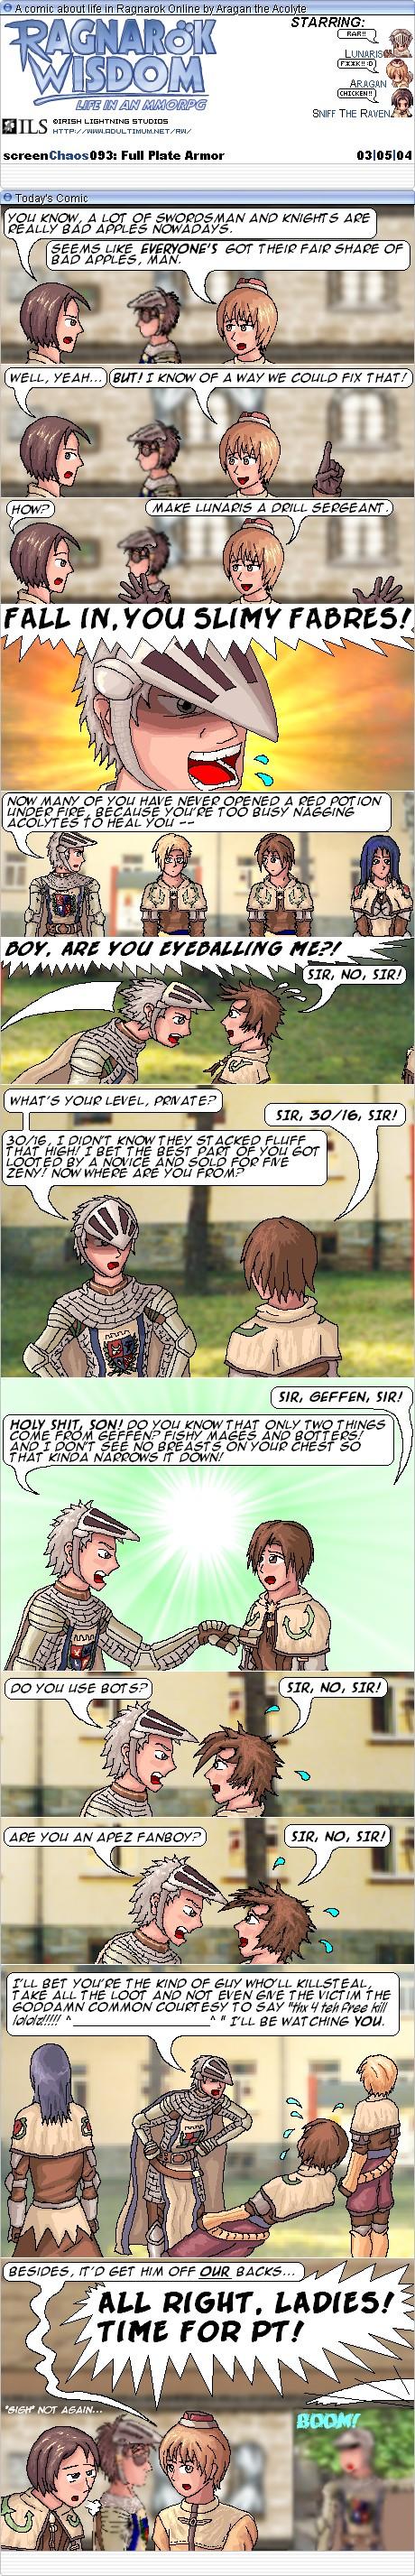 Comic #101